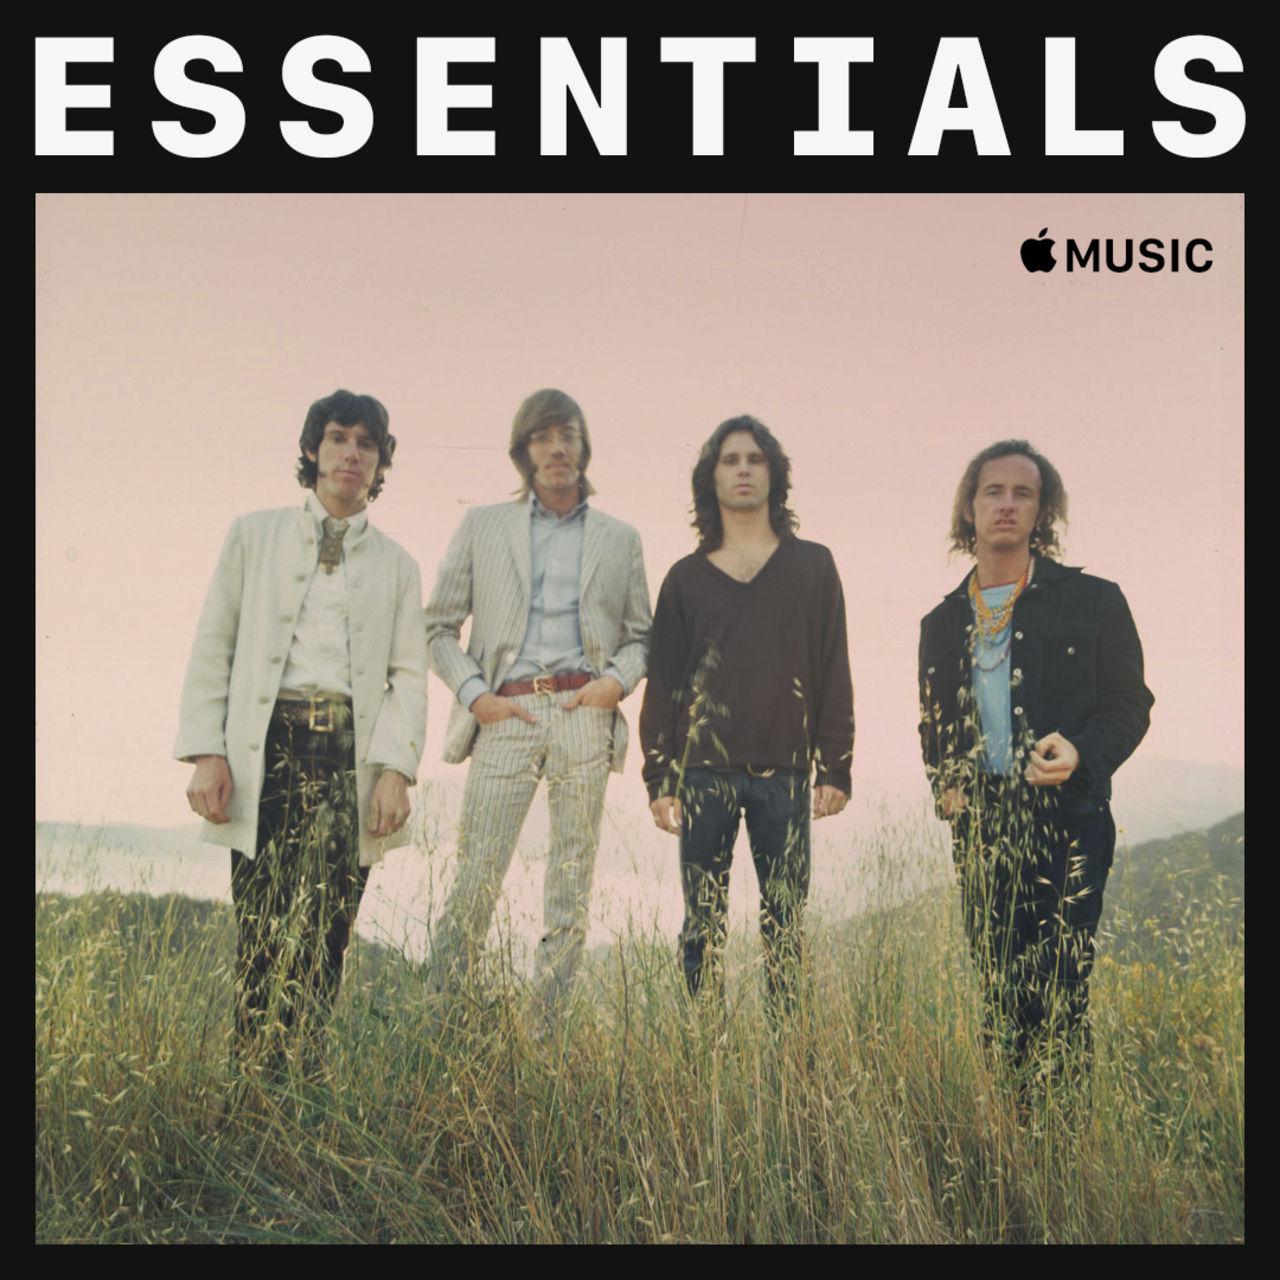 دانلود آلبوم Essentials از The Doors | با کیفیت عالی